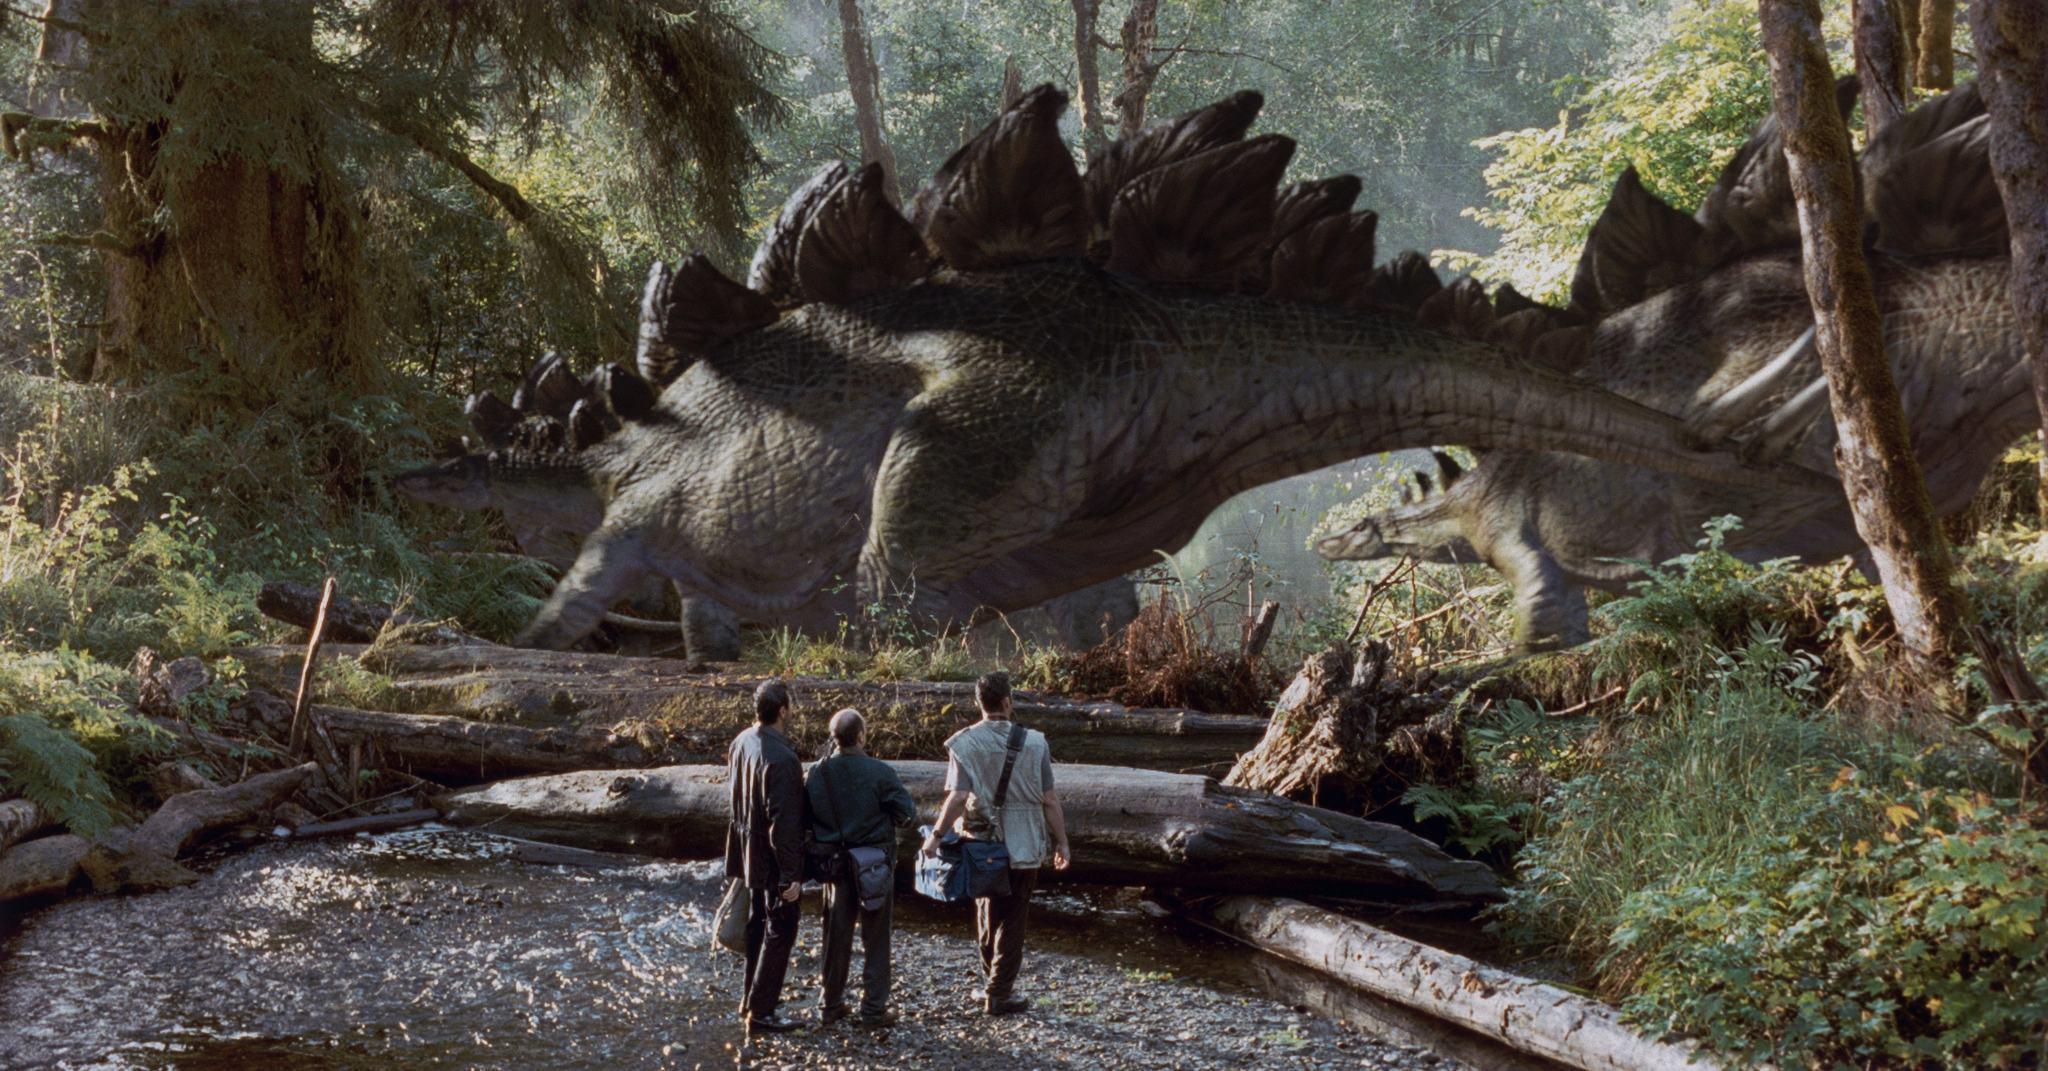 Можно ли клонировать динозавров? 1